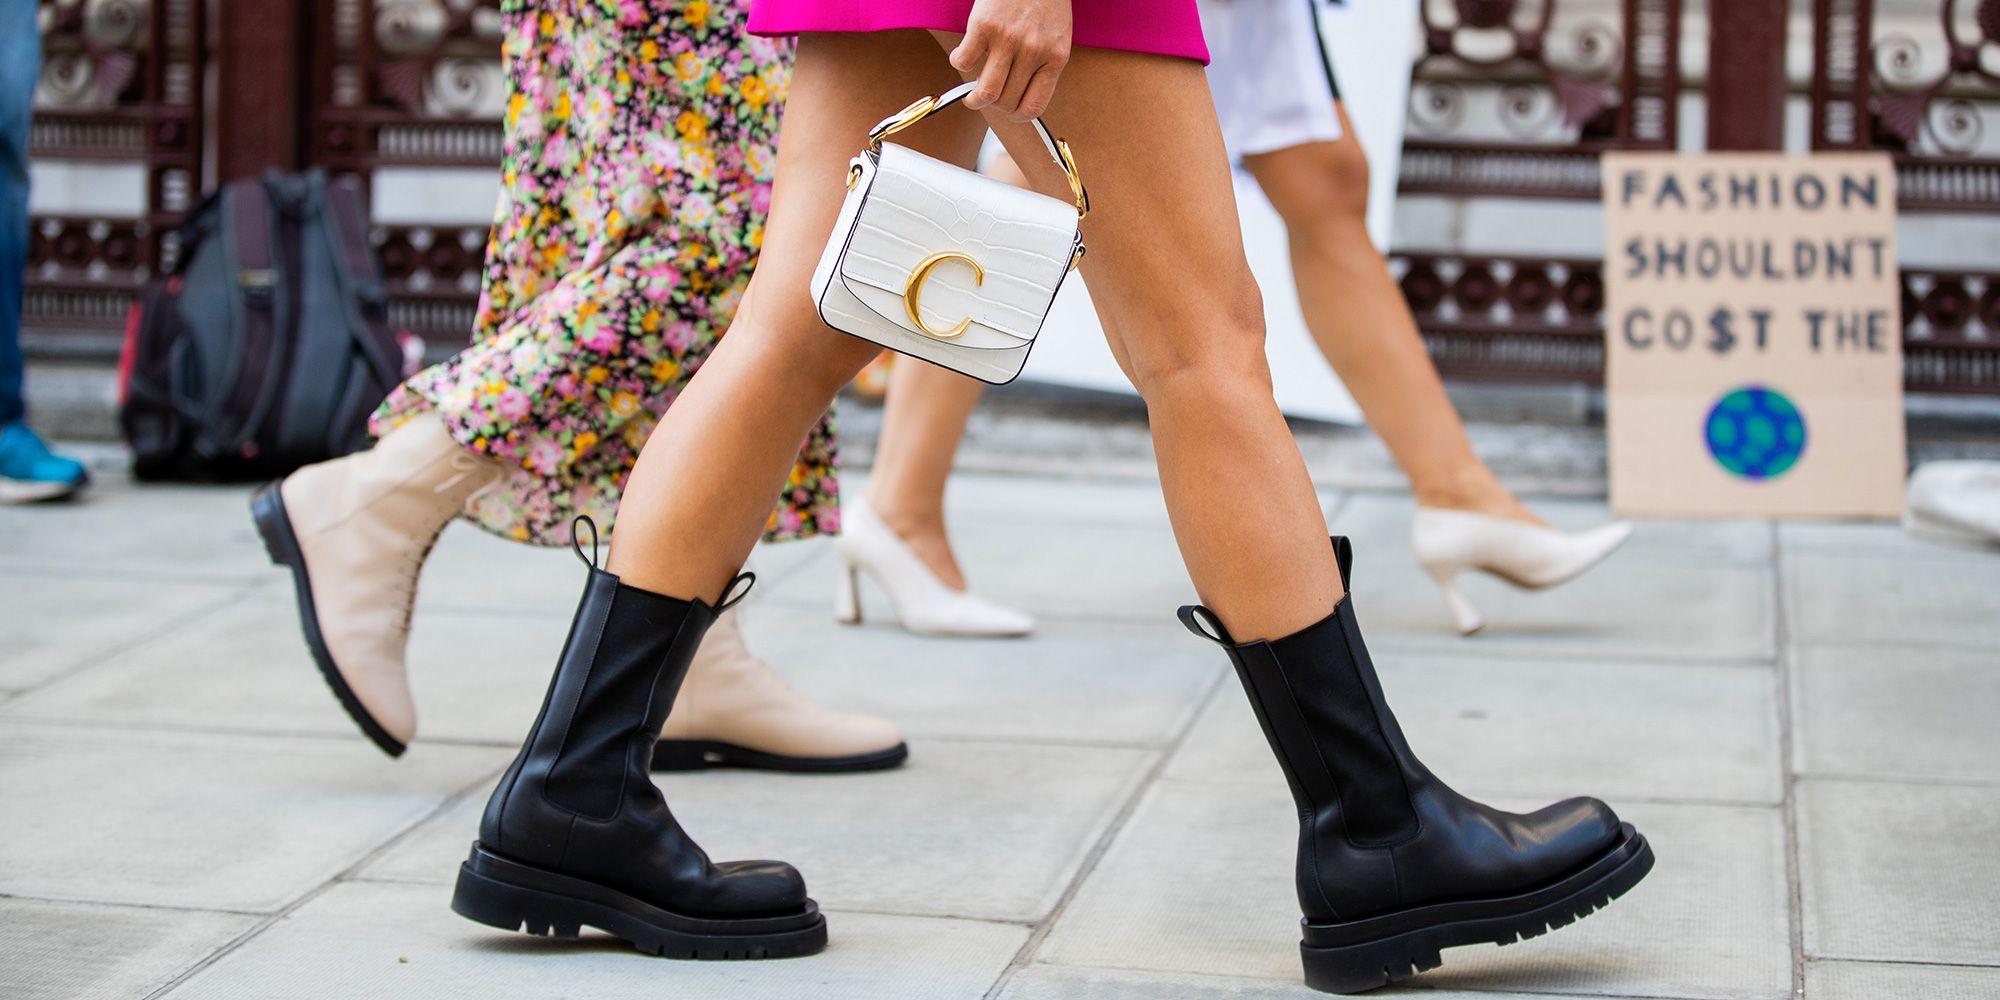 Scarpe autunno 2019, 7 modelli moda su Zalando